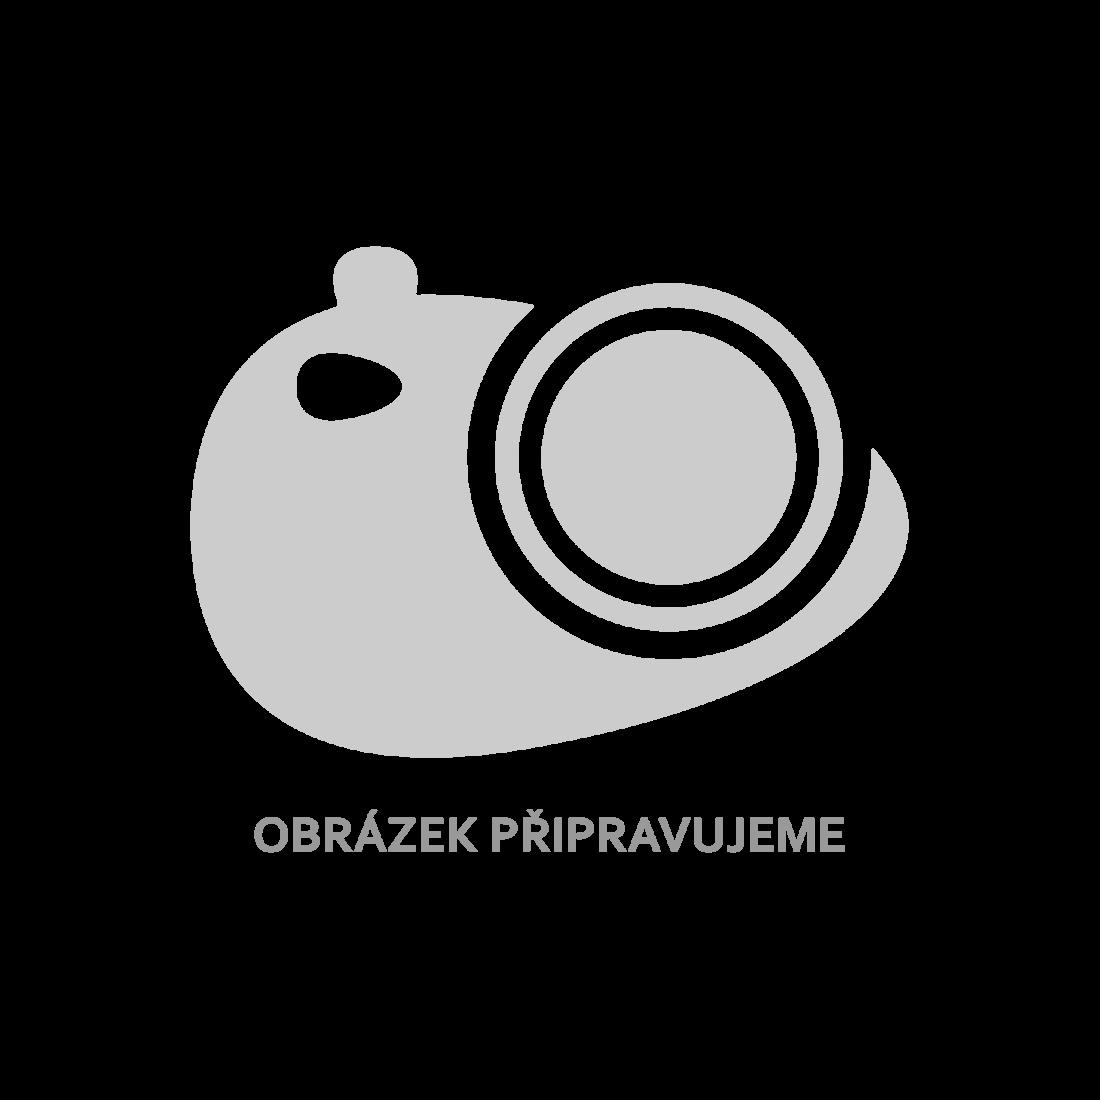 2místná zahradní lavice 161 cm ocelová bílá [43147]